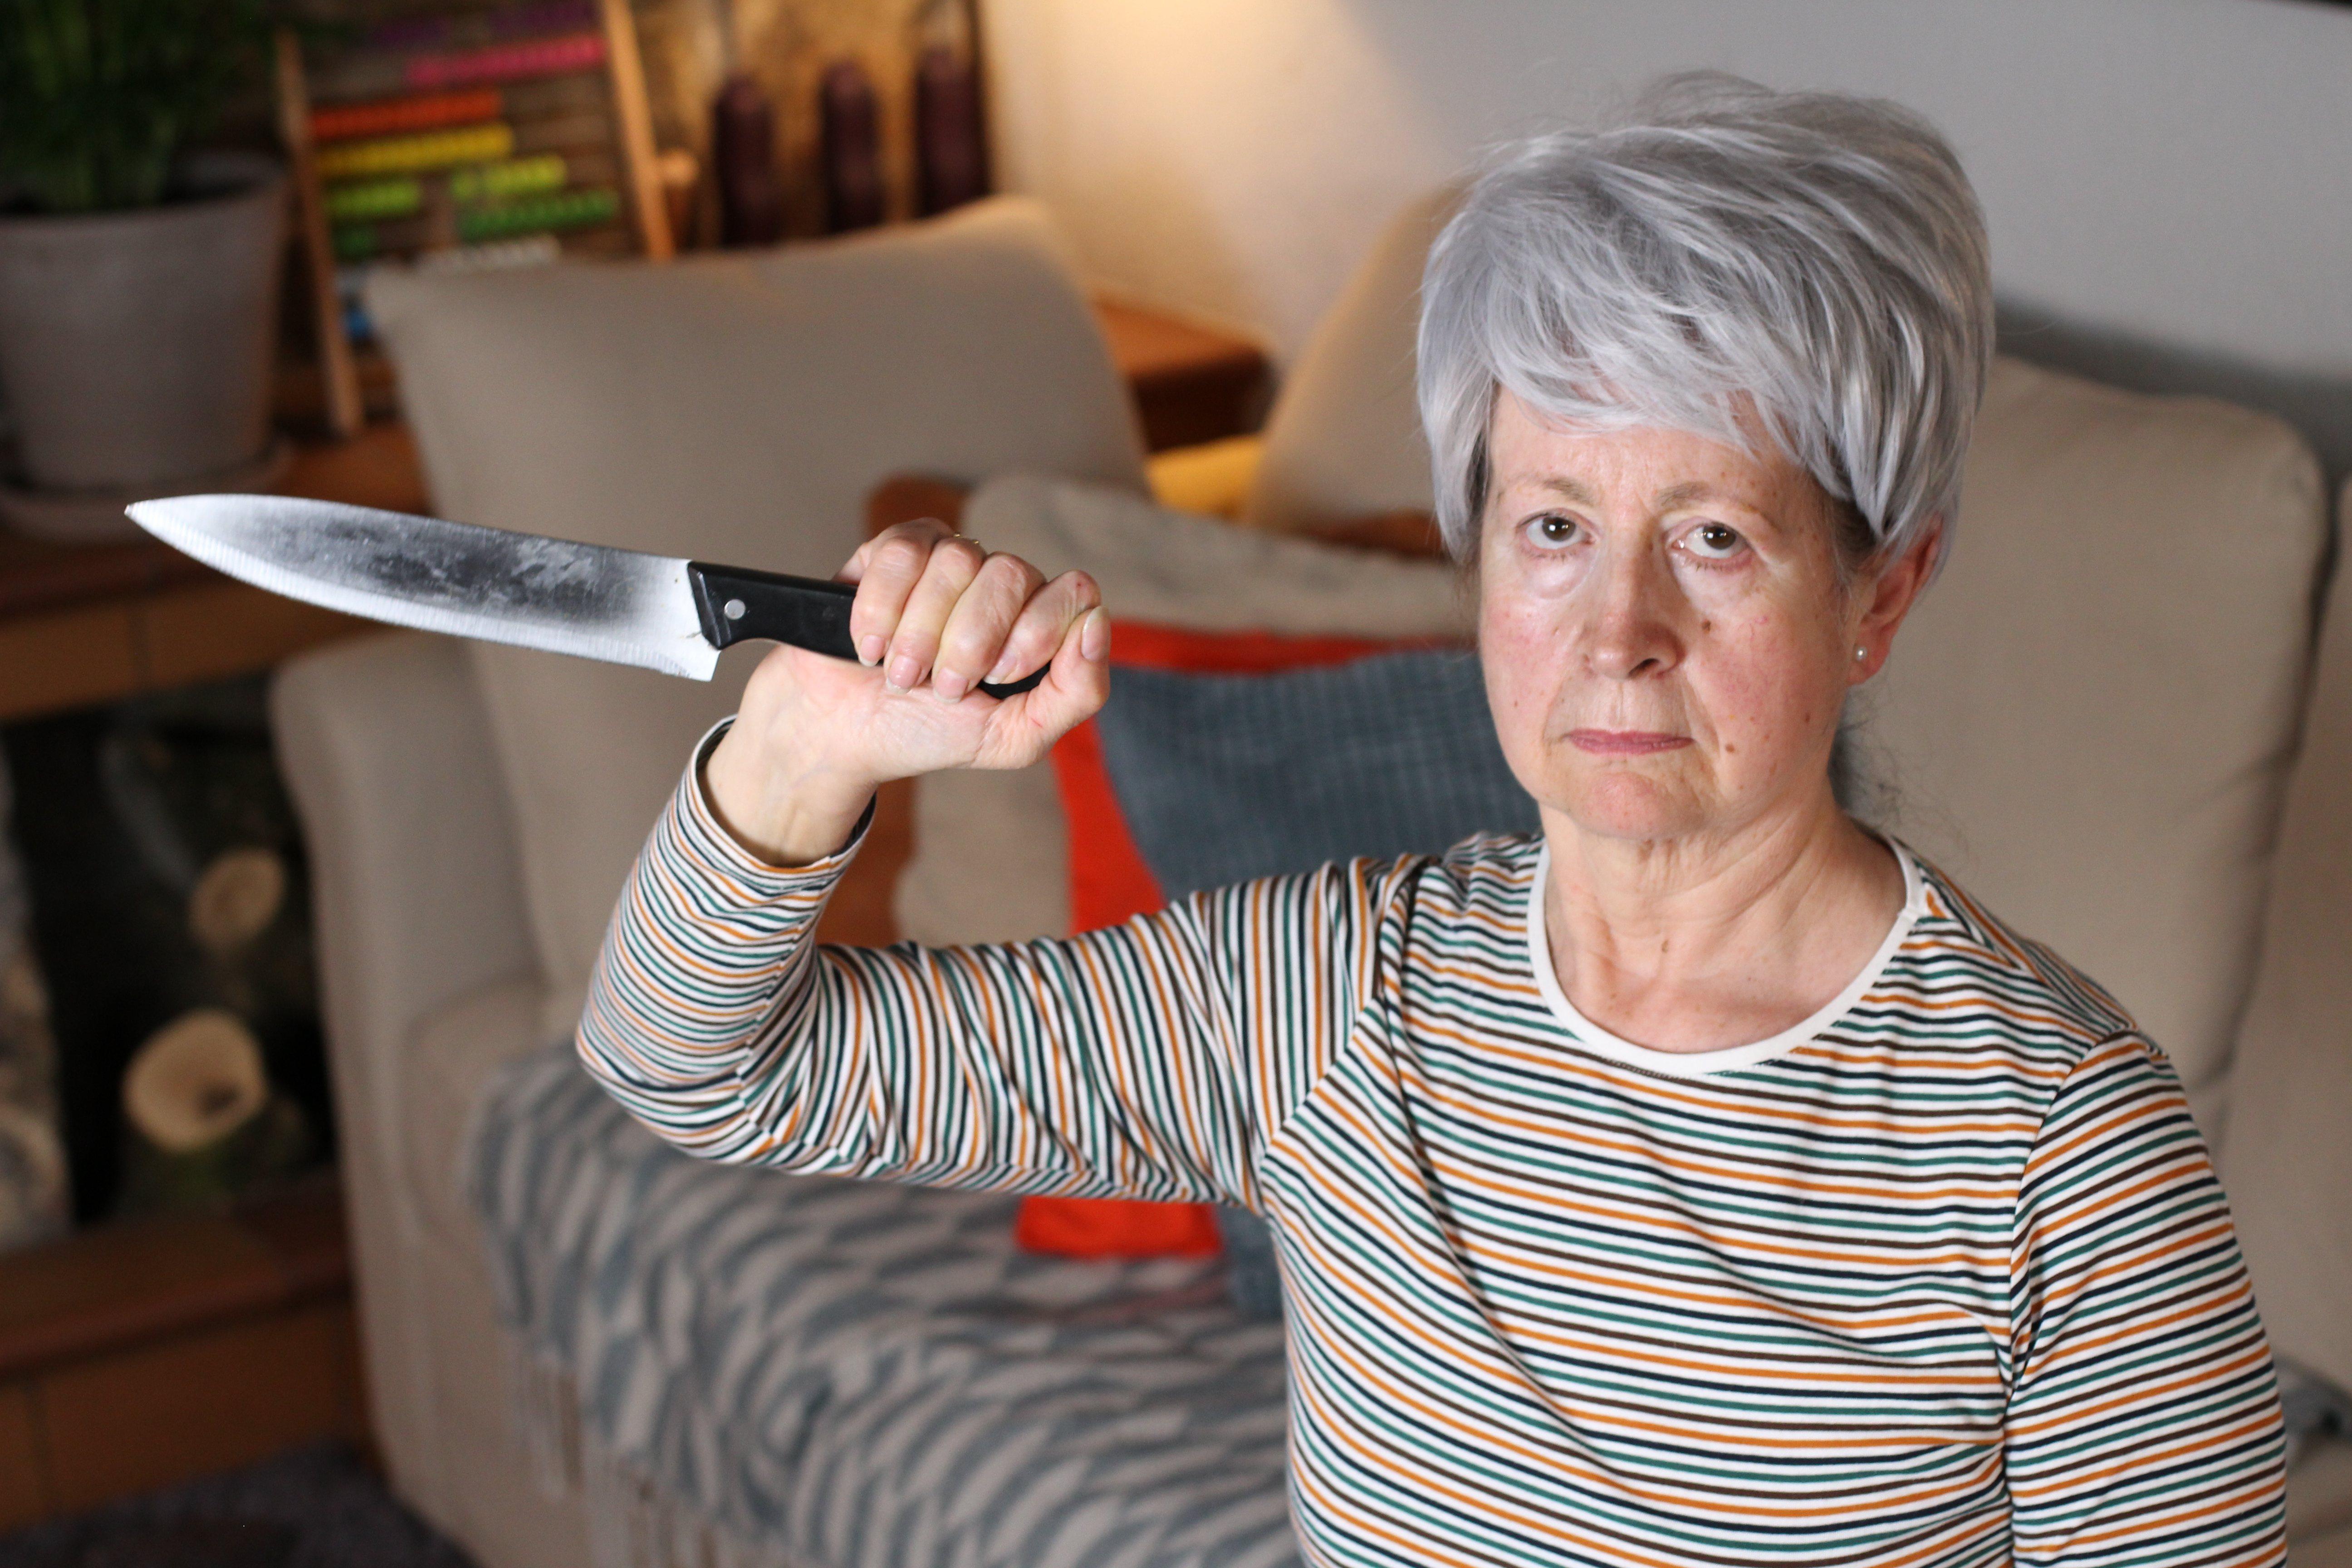 Anciana sujentando un cuchillo